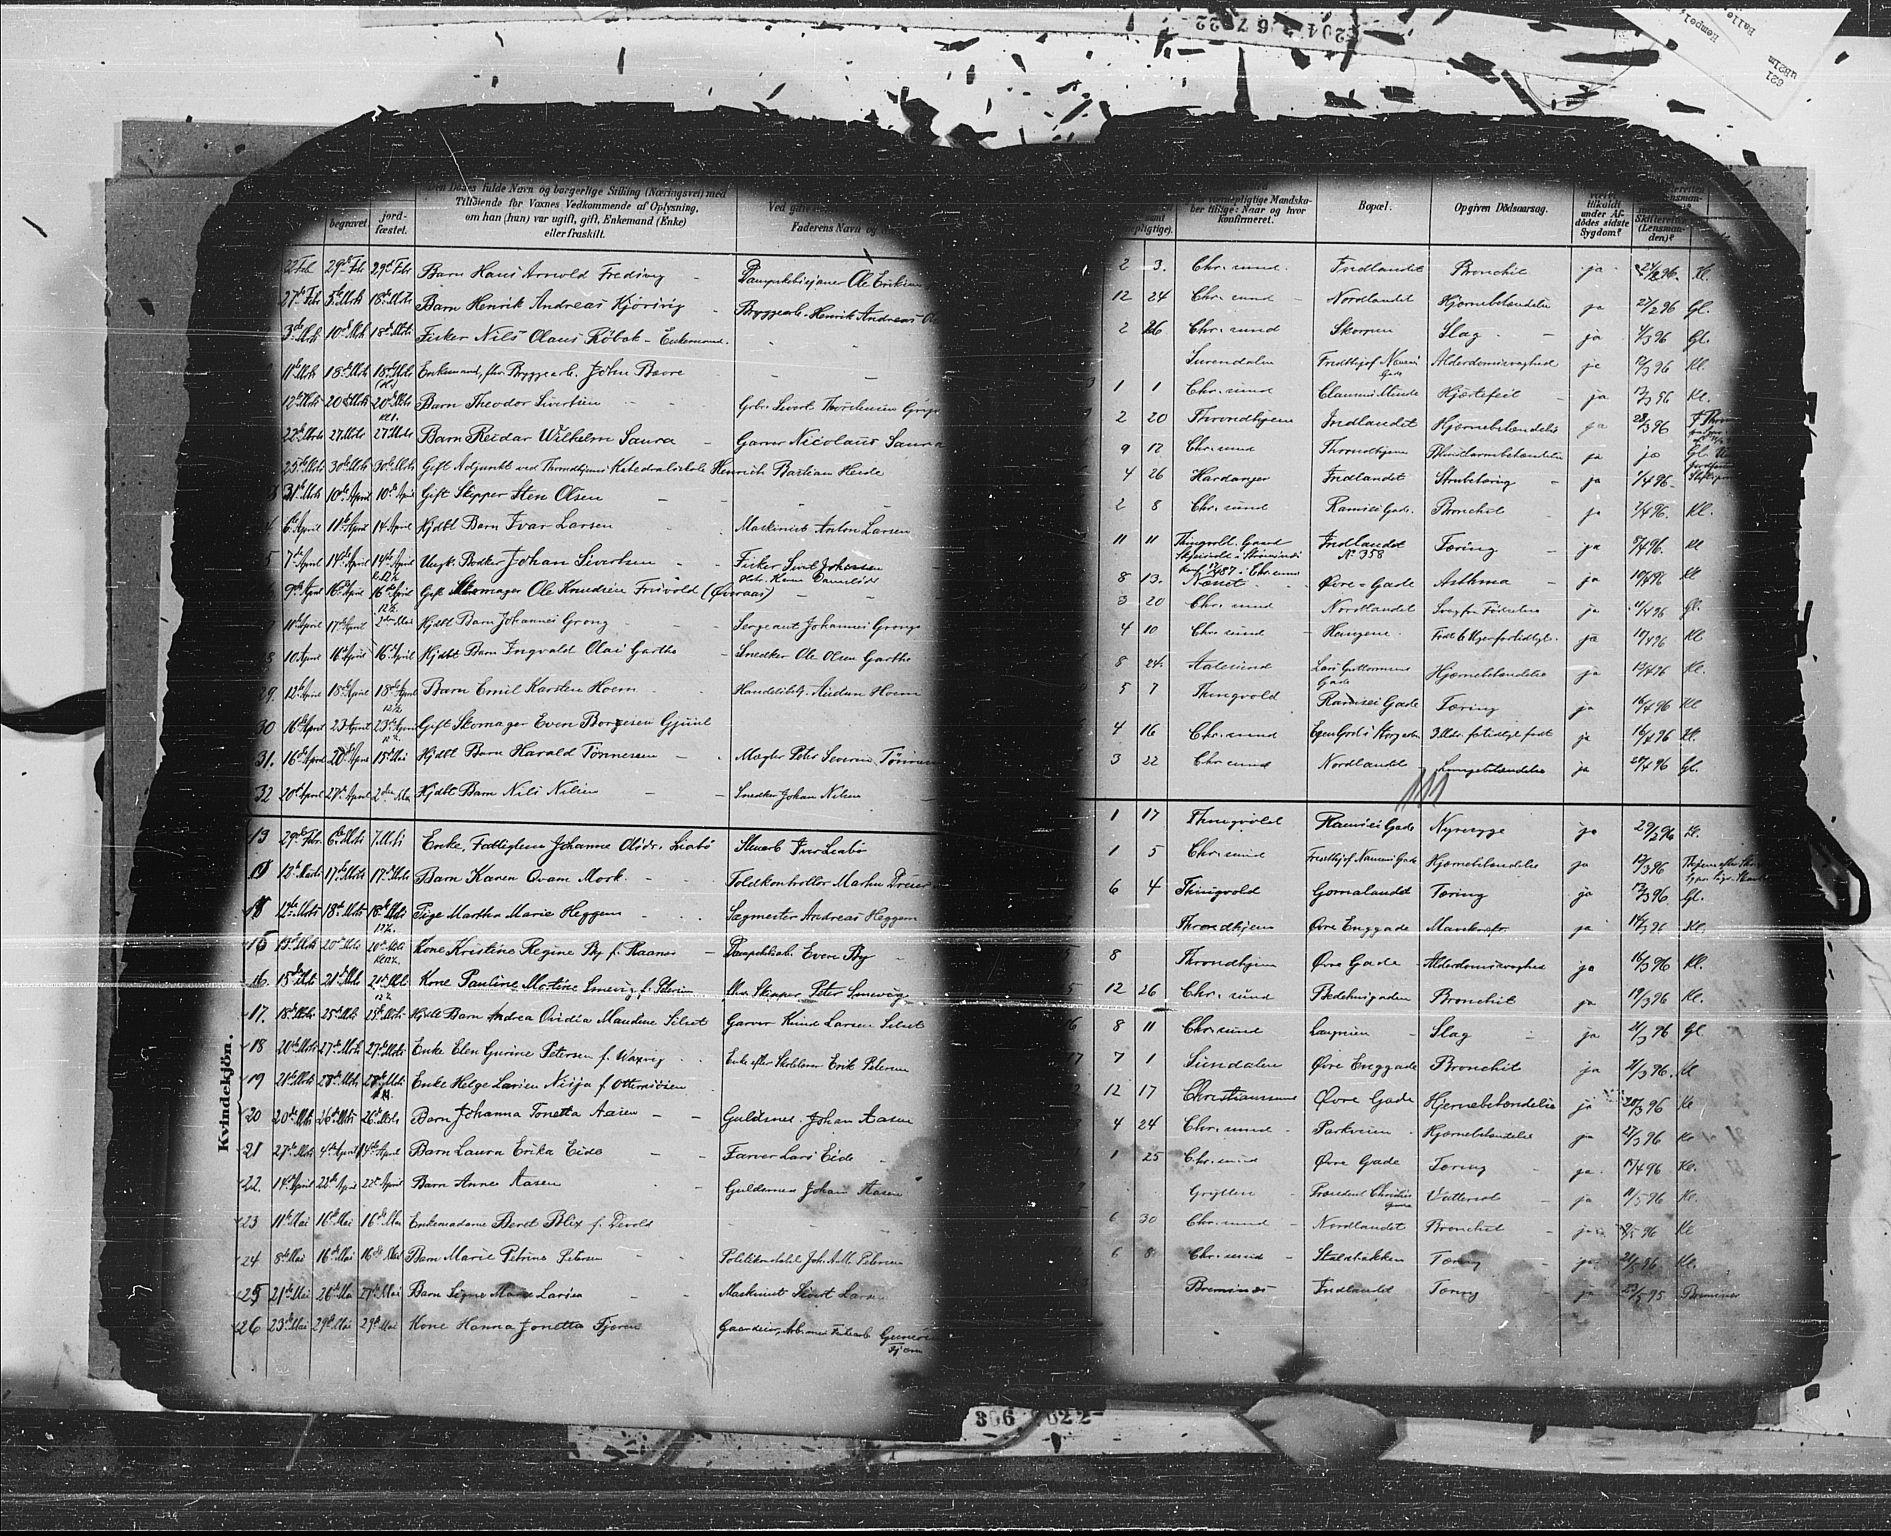 SAT, Ministerialprotokoller, klokkerbøker og fødselsregistre - Møre og Romsdal, 572/L0853: Ministerialbok nr. 572A16, 1880-1901, s. 111